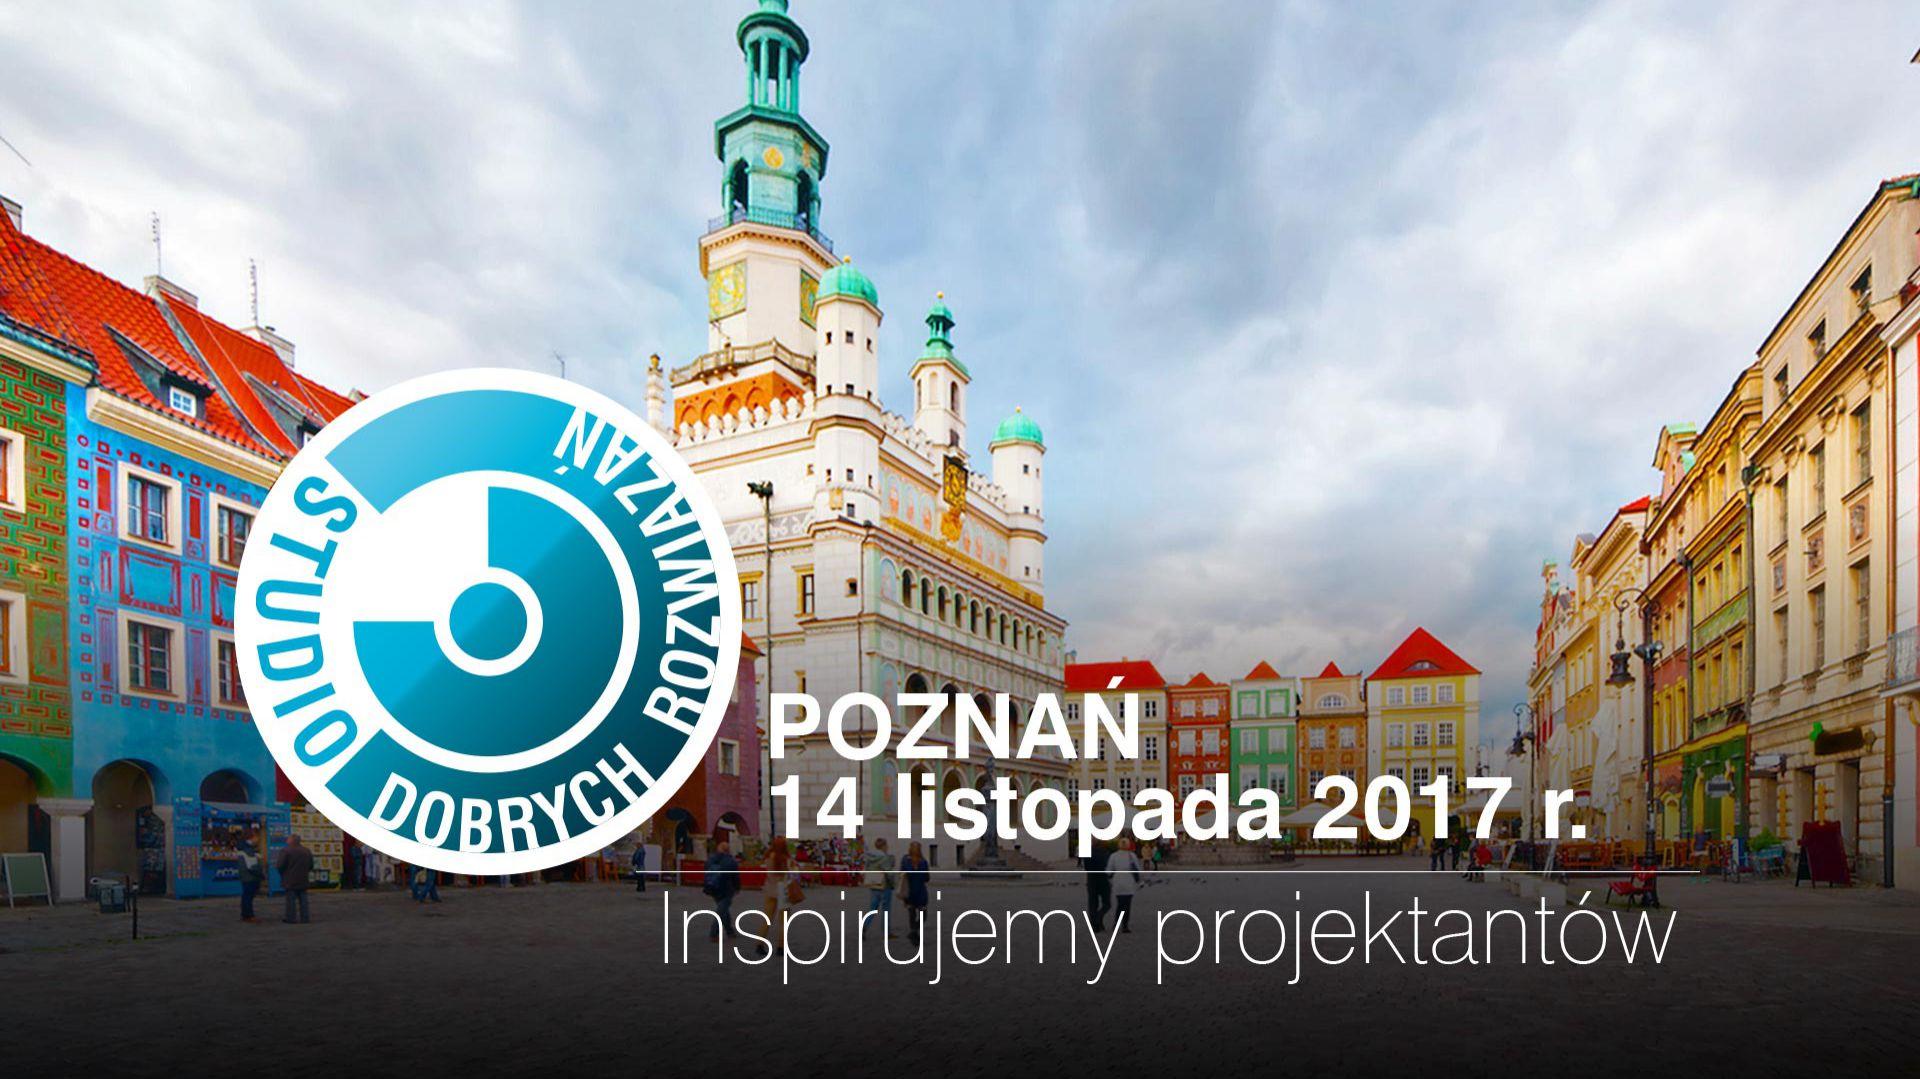 Studio Dobrych Rozwiązań w Poznaniu